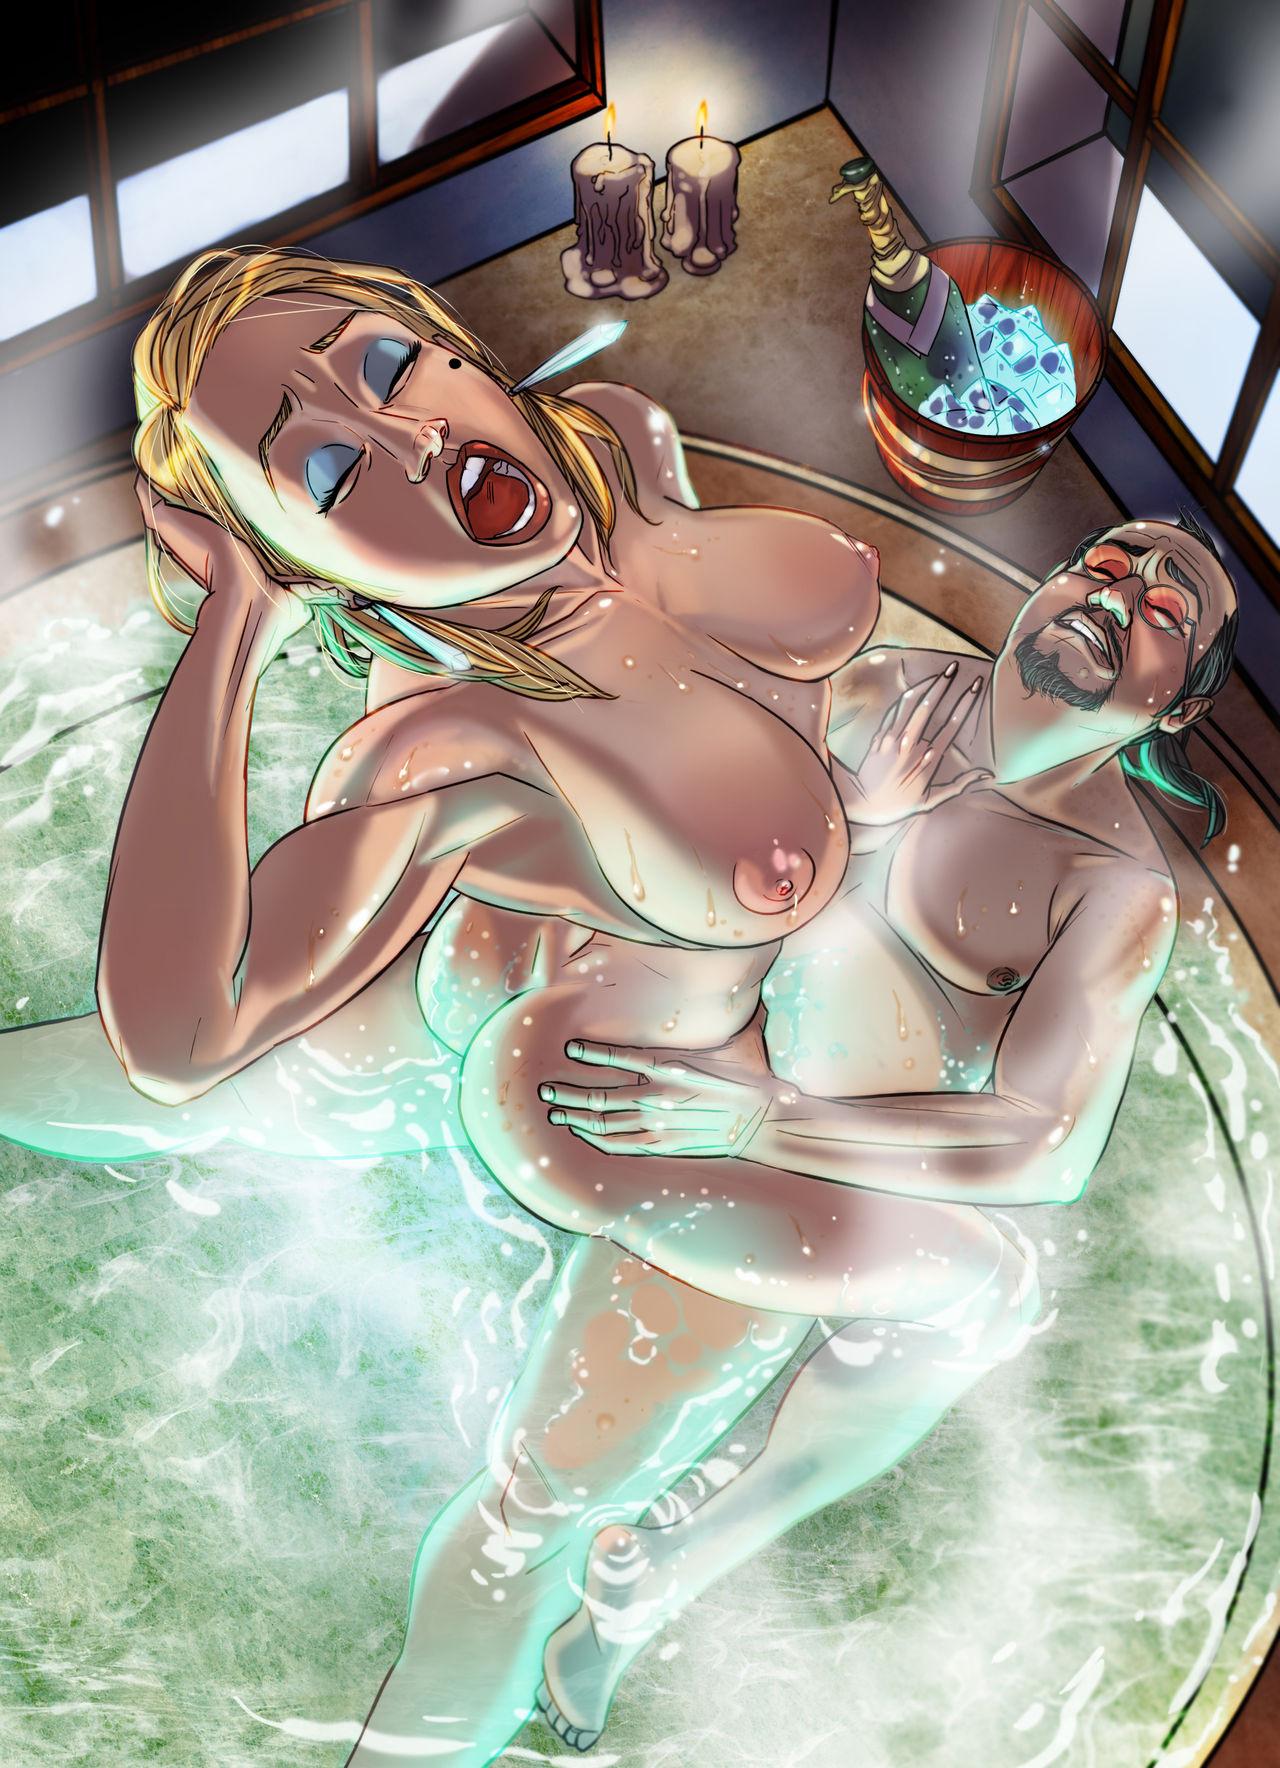 Danger Girl - Road to Hell porn comics Oral sex, Big Tits